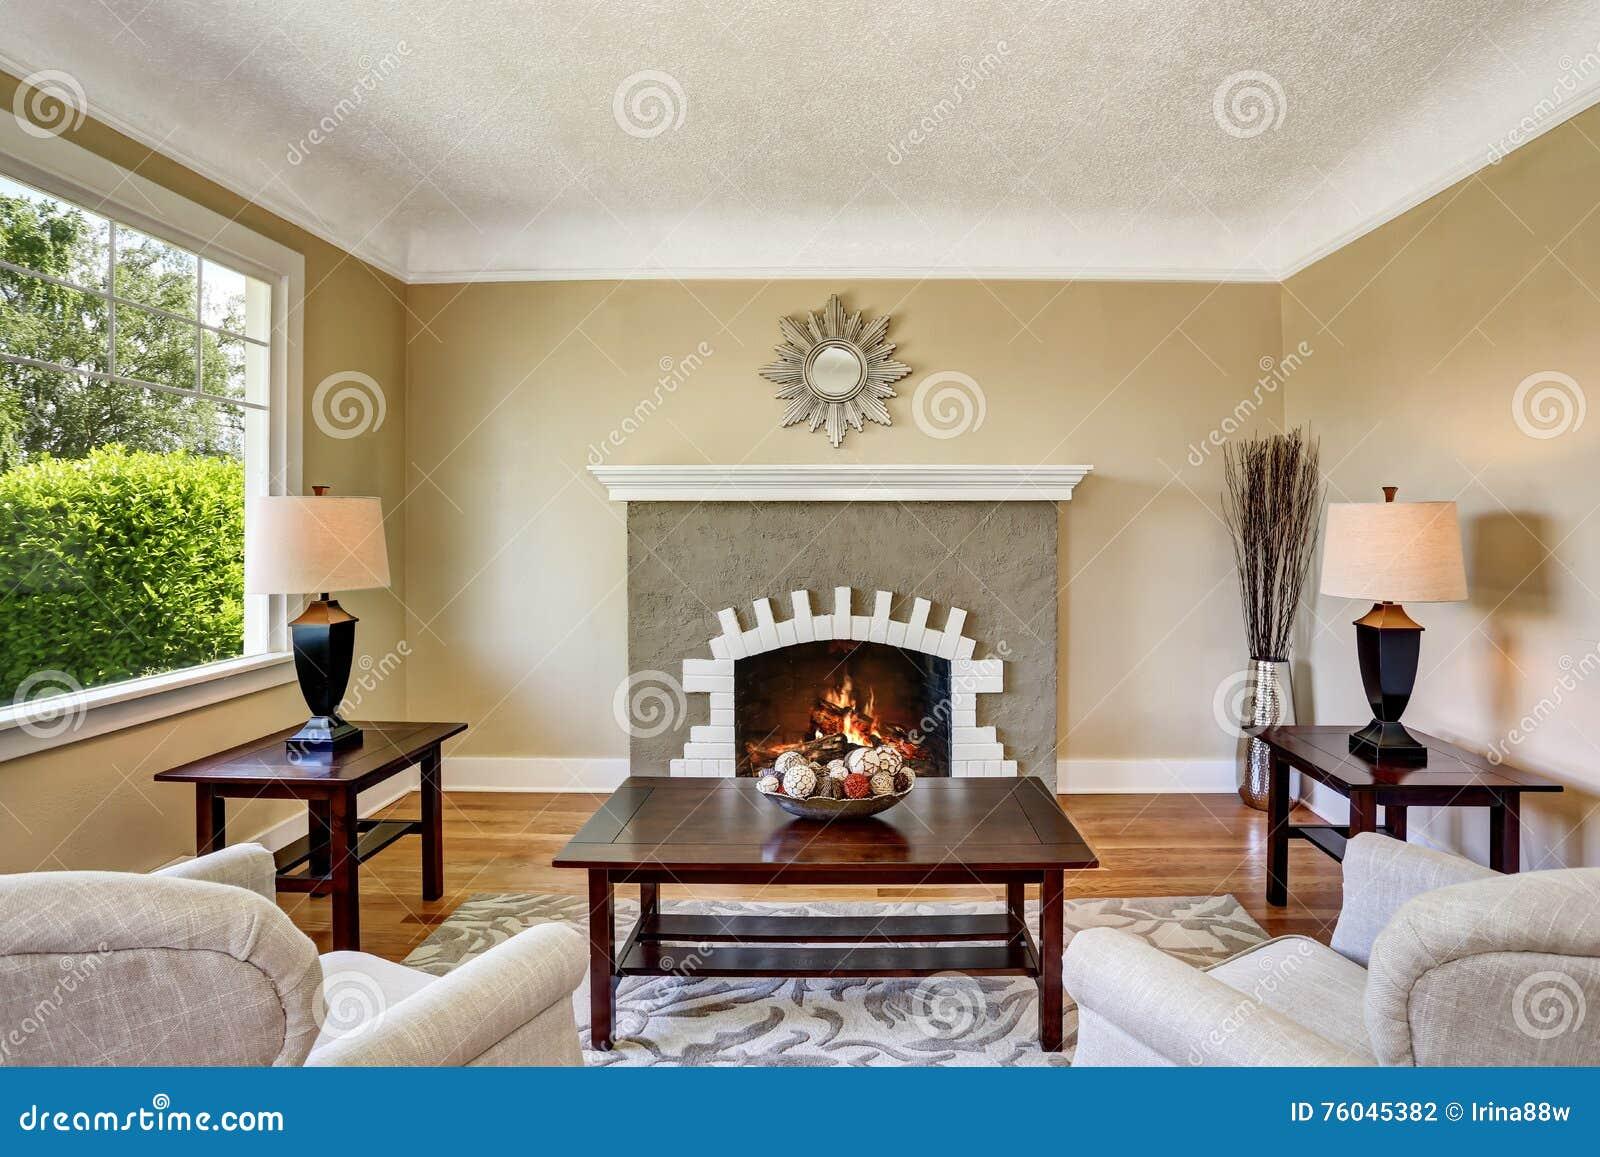 Muebles chimenea sala de estar abierta grande de la - La chimenea muebles ...